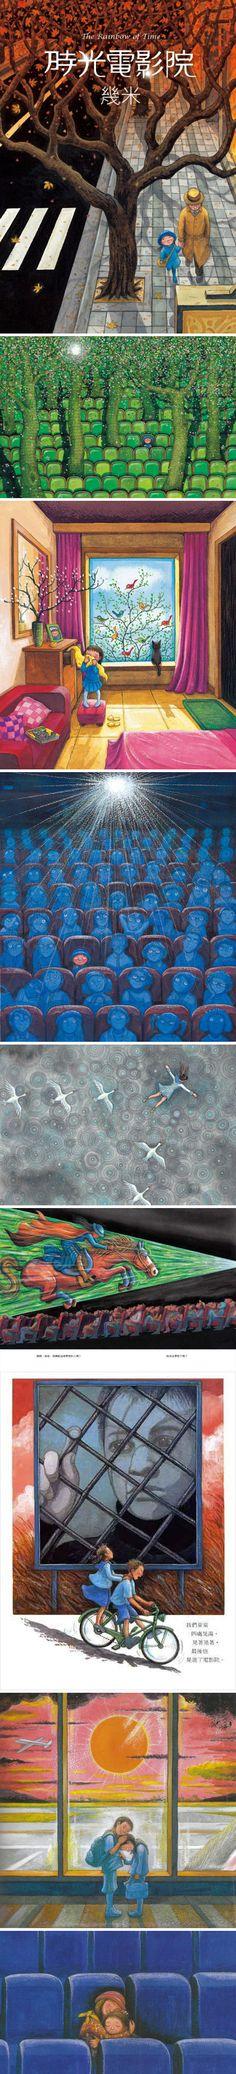 幾米  時光電影院